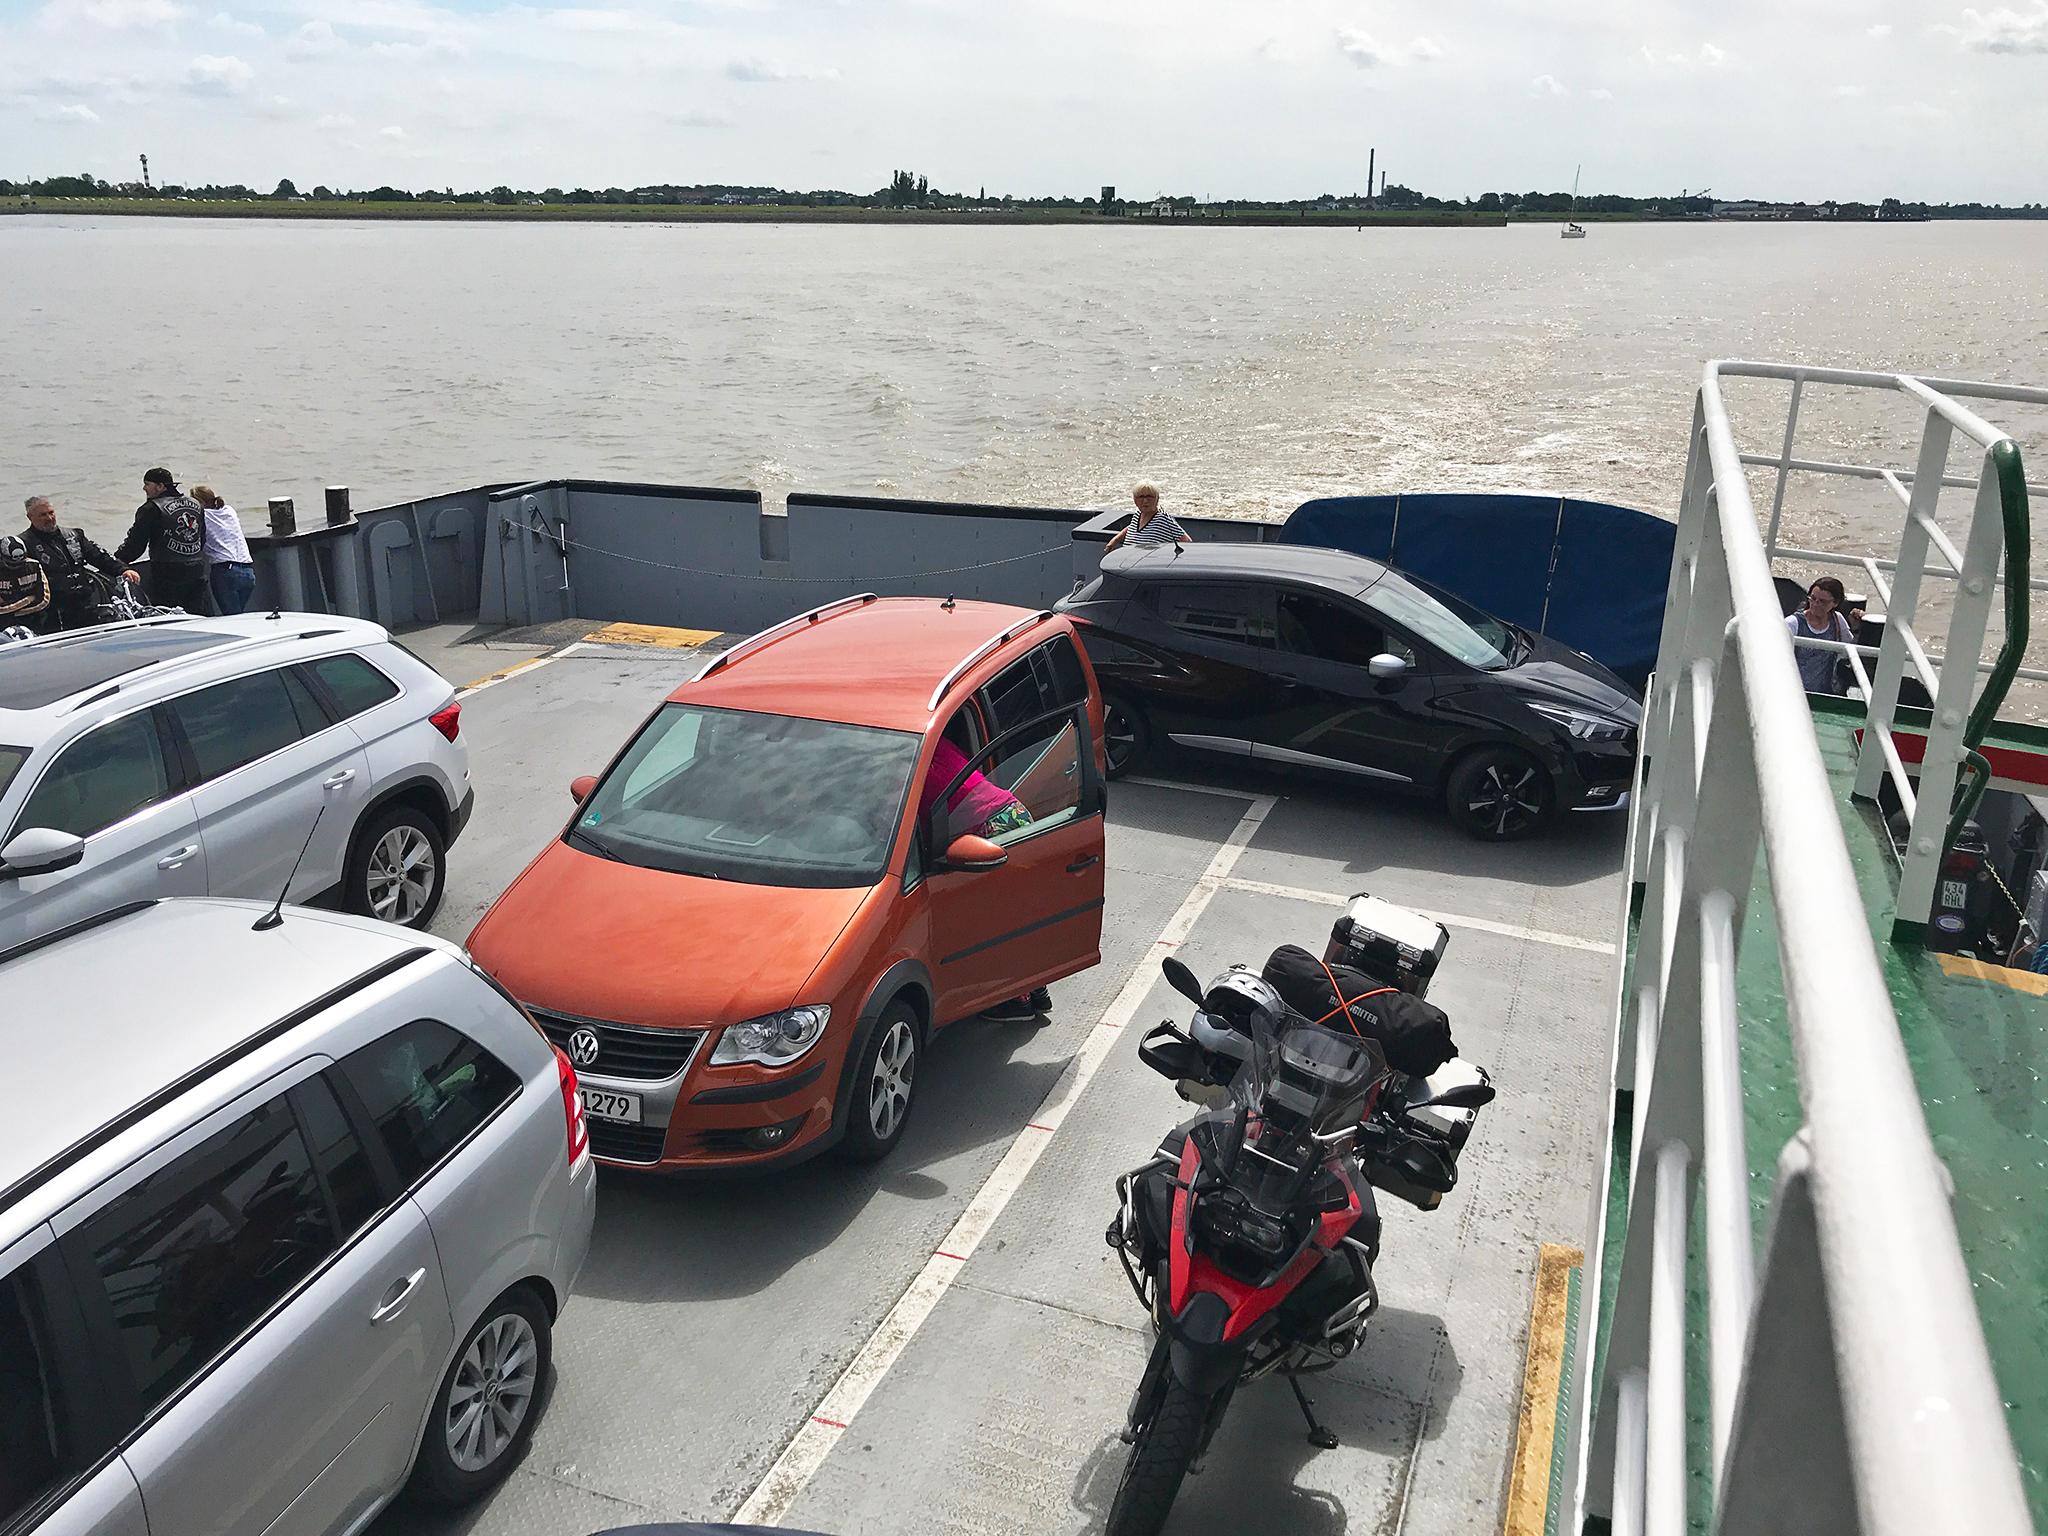 On the Wischhafen ferry